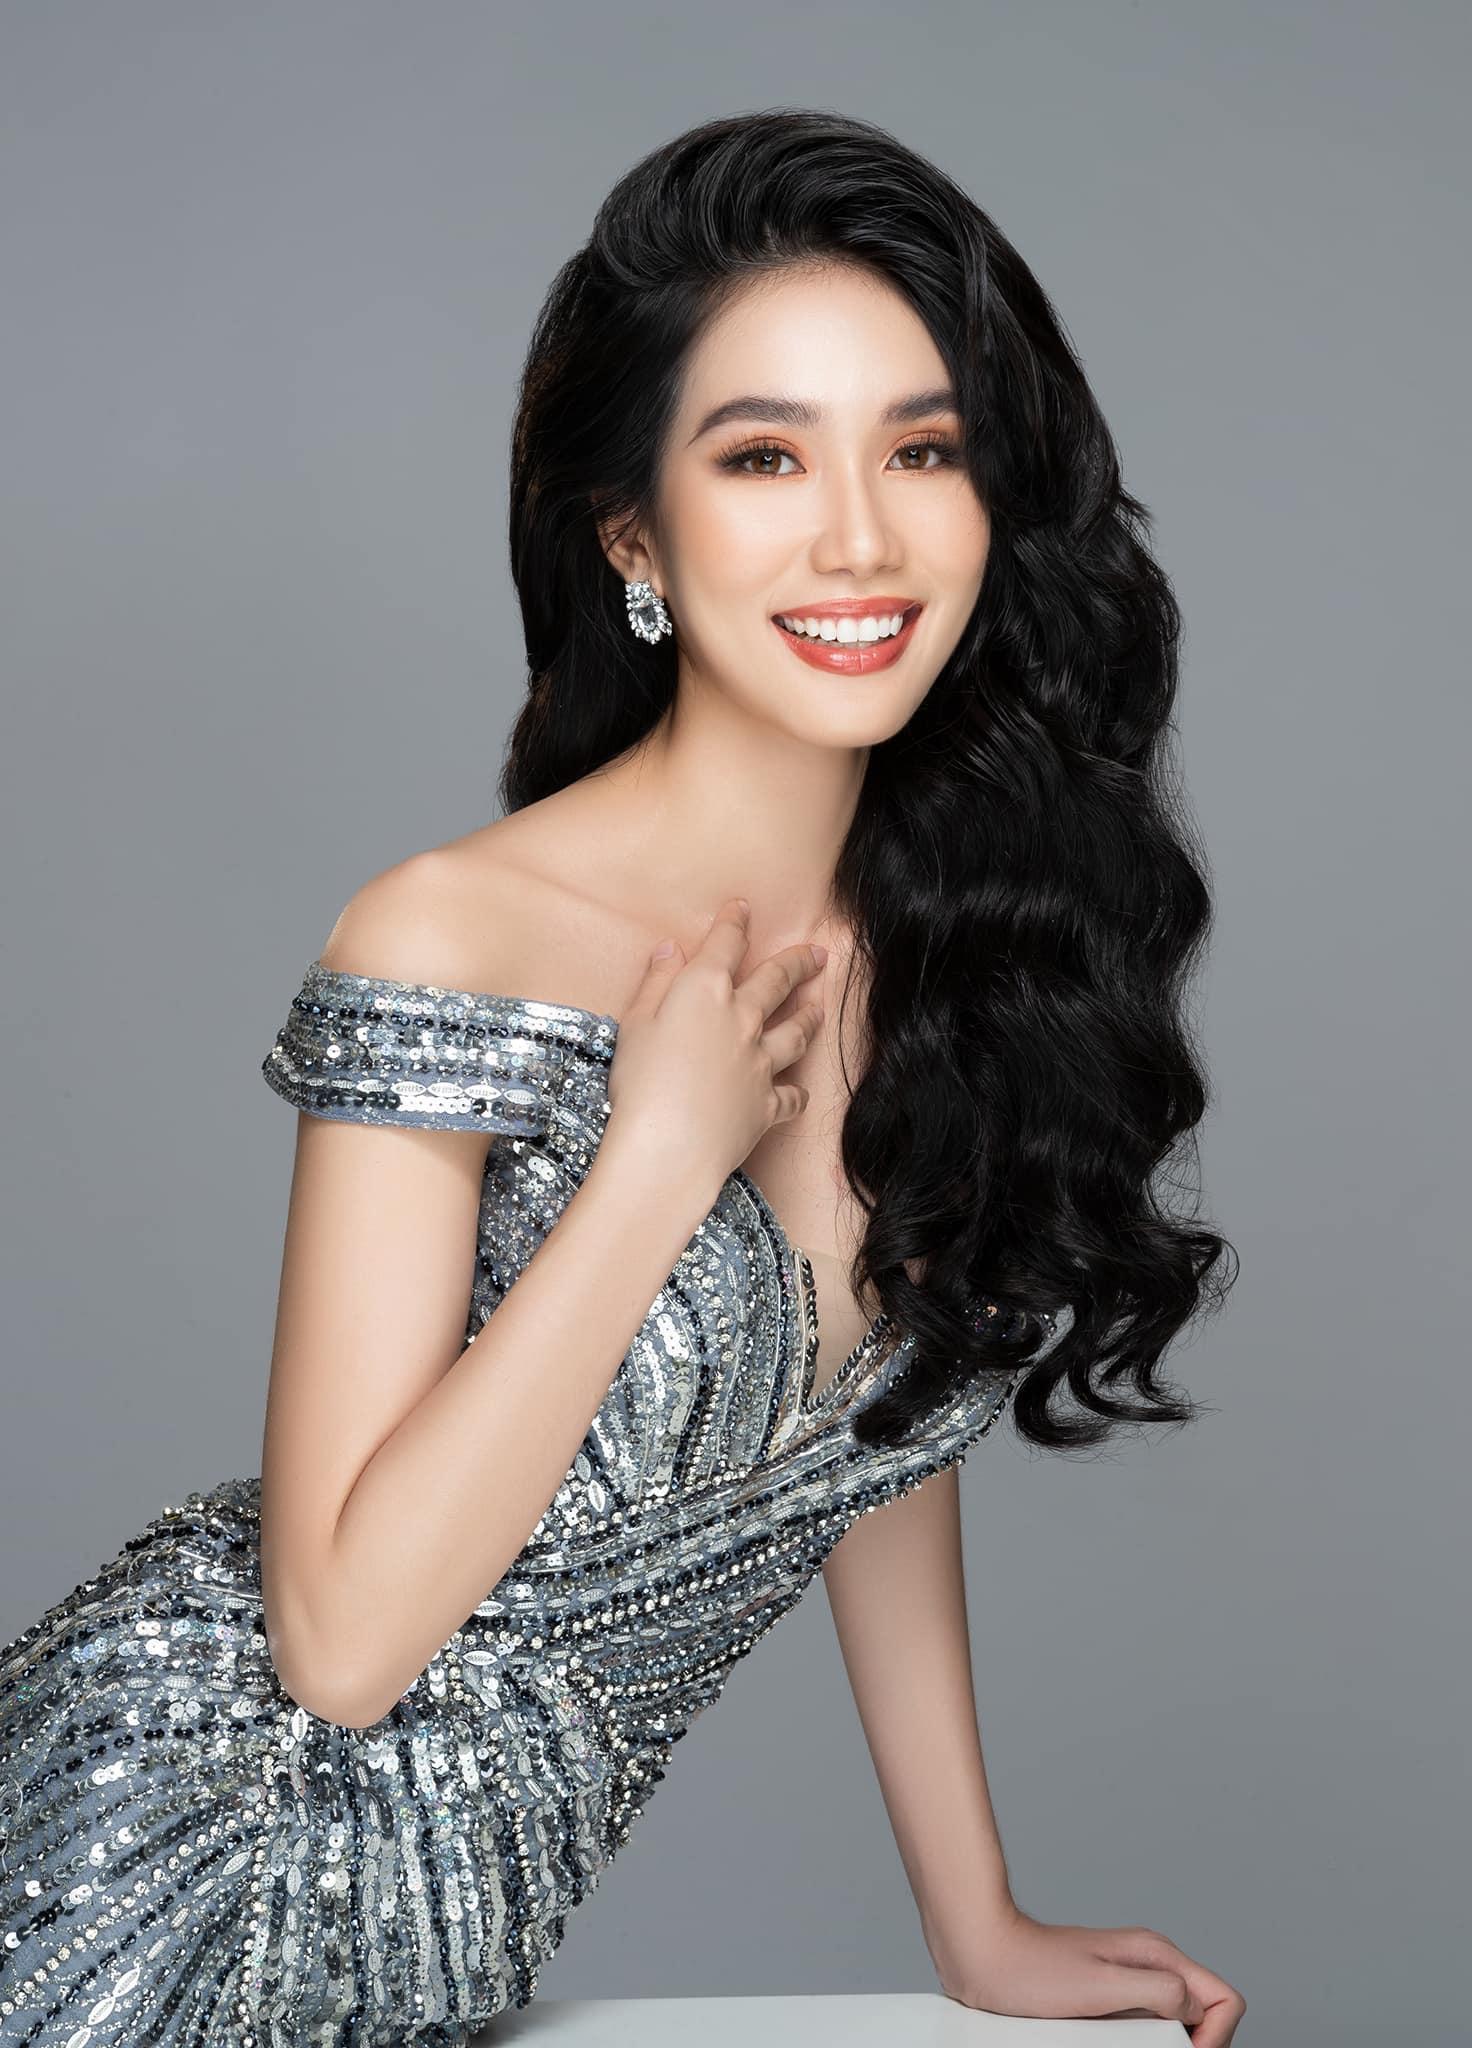 Á hậu 1 của Hoa hậu Việt Nam 2020 Phạm Ngọc Phương Anh sẽ là chiến binh tham dự Miss International 2021 (Hoa hậu Quốc tế), diễn ra vào cuối năm nay tại Nhật Bản.  sinh năm 1998, cô sở hữu chiều cao ấn tượng 1m77 và số đo ba vòng 87-61-93.